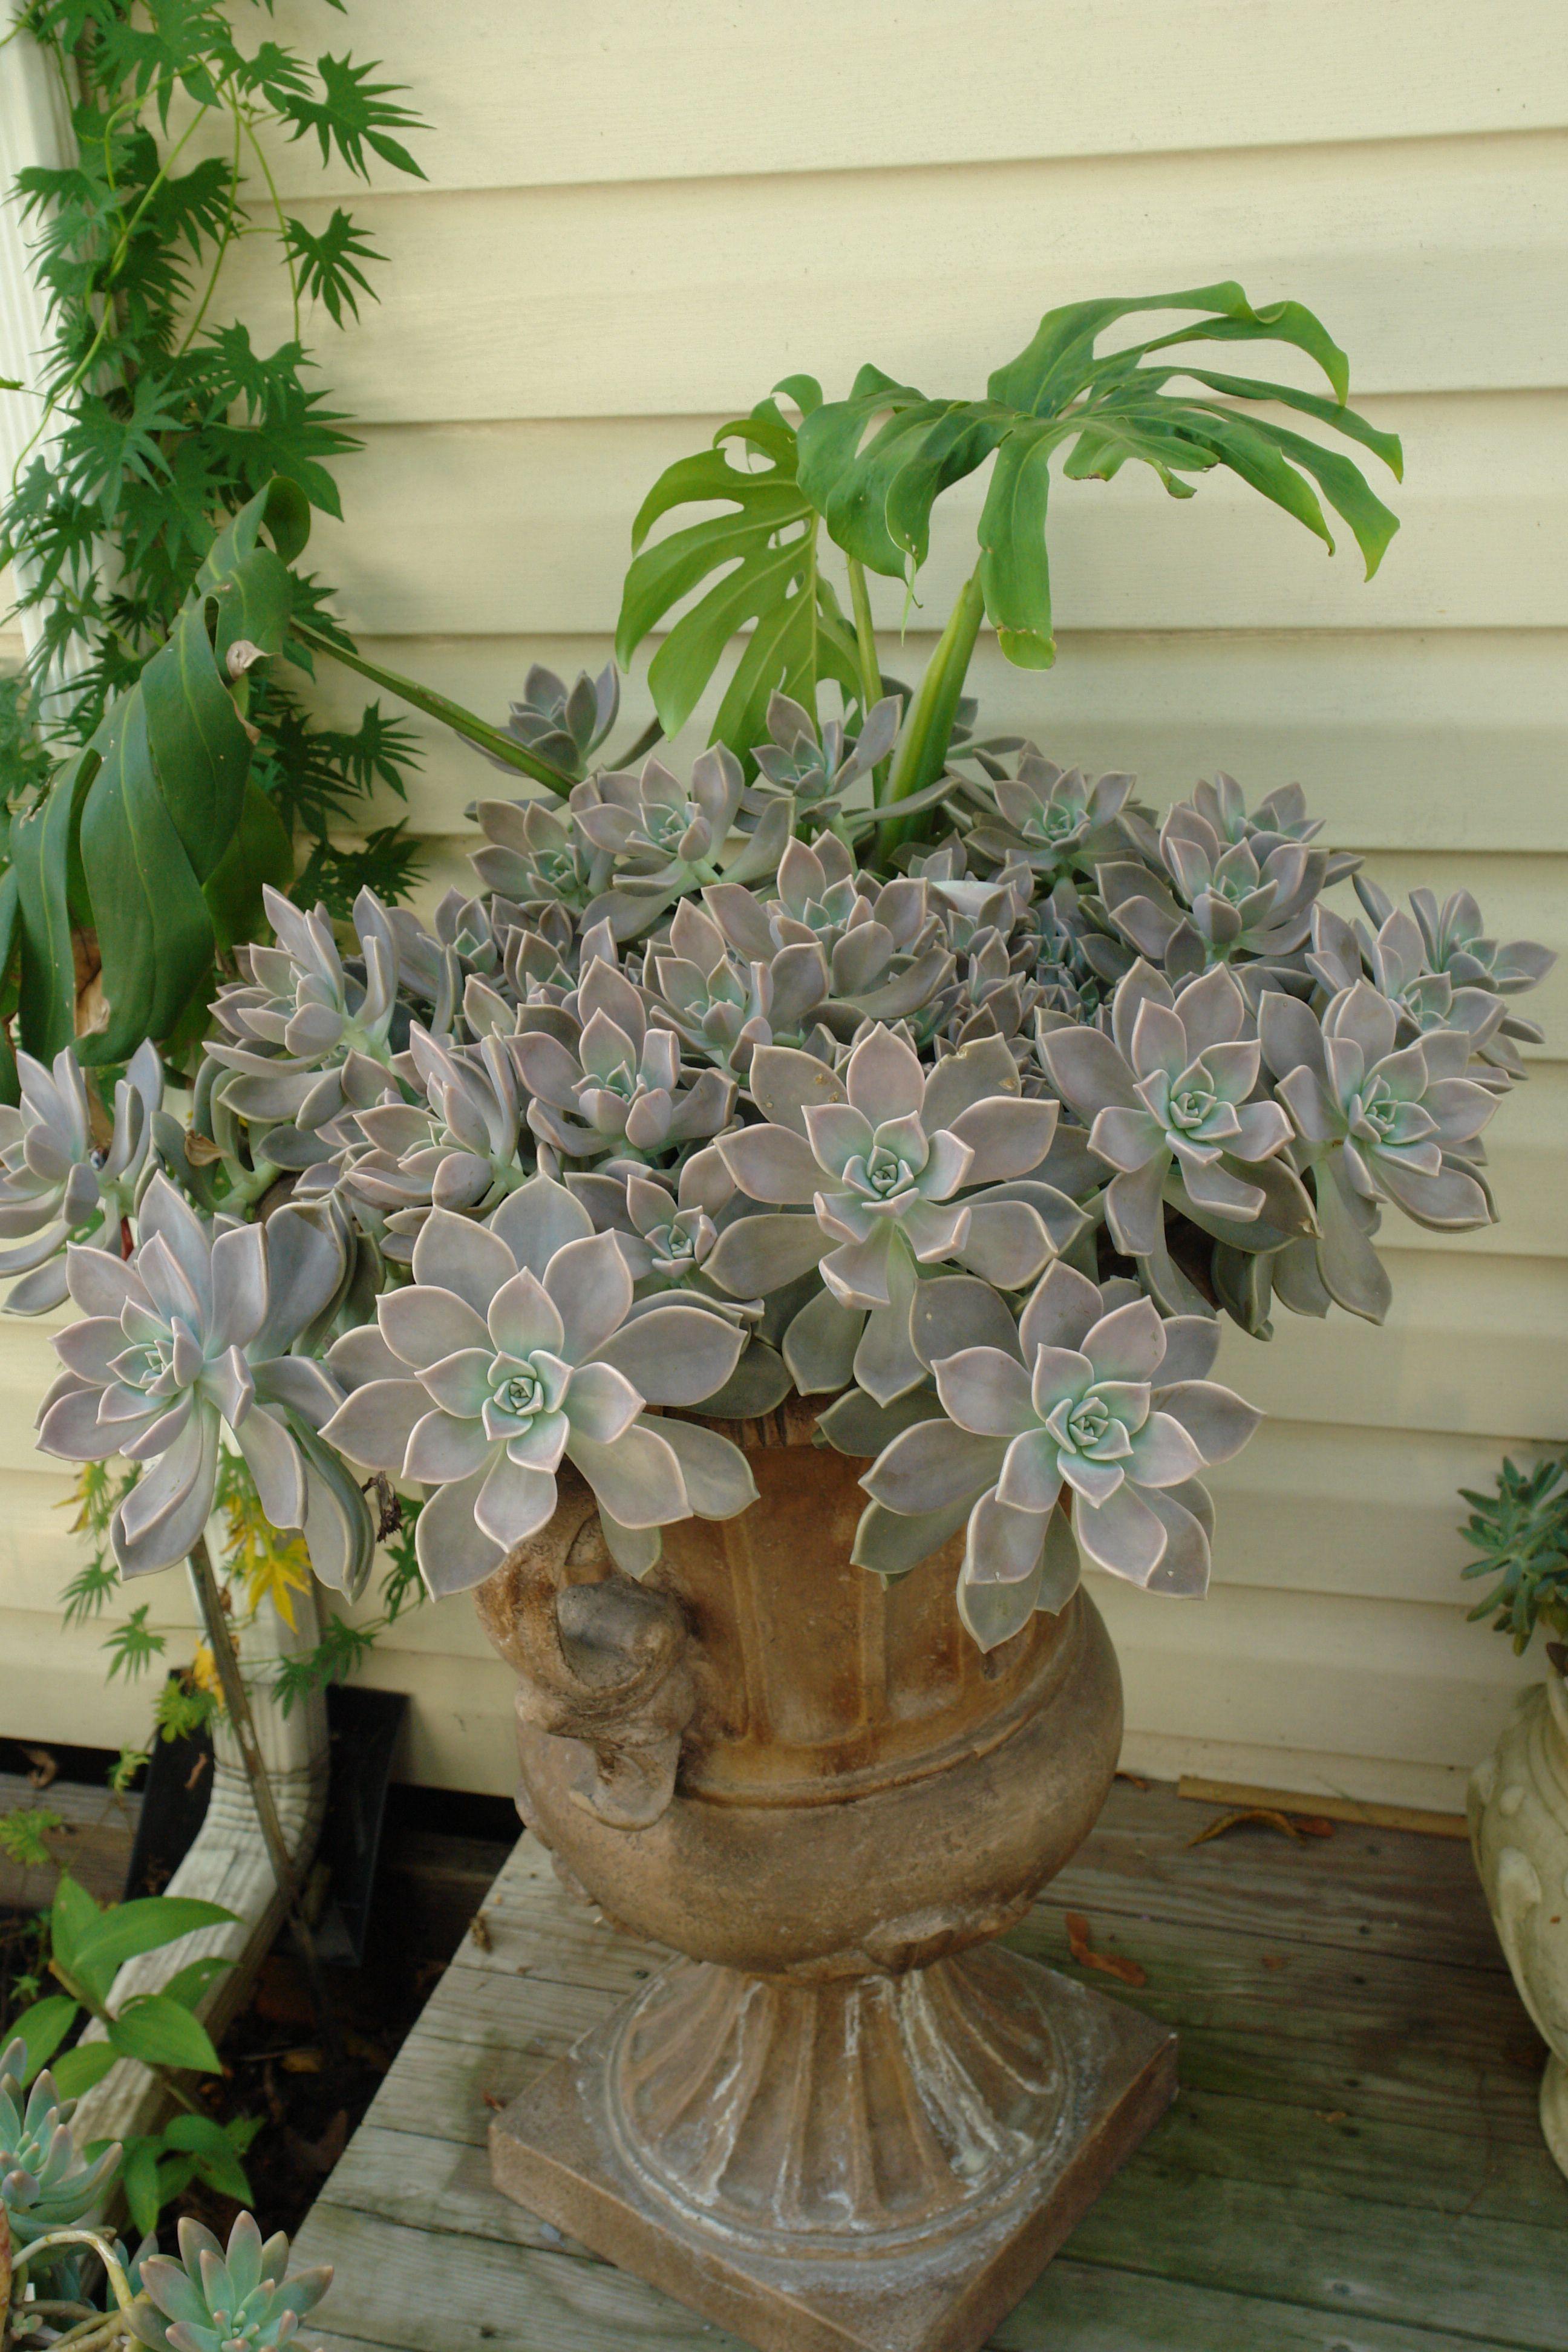 My succulent plants